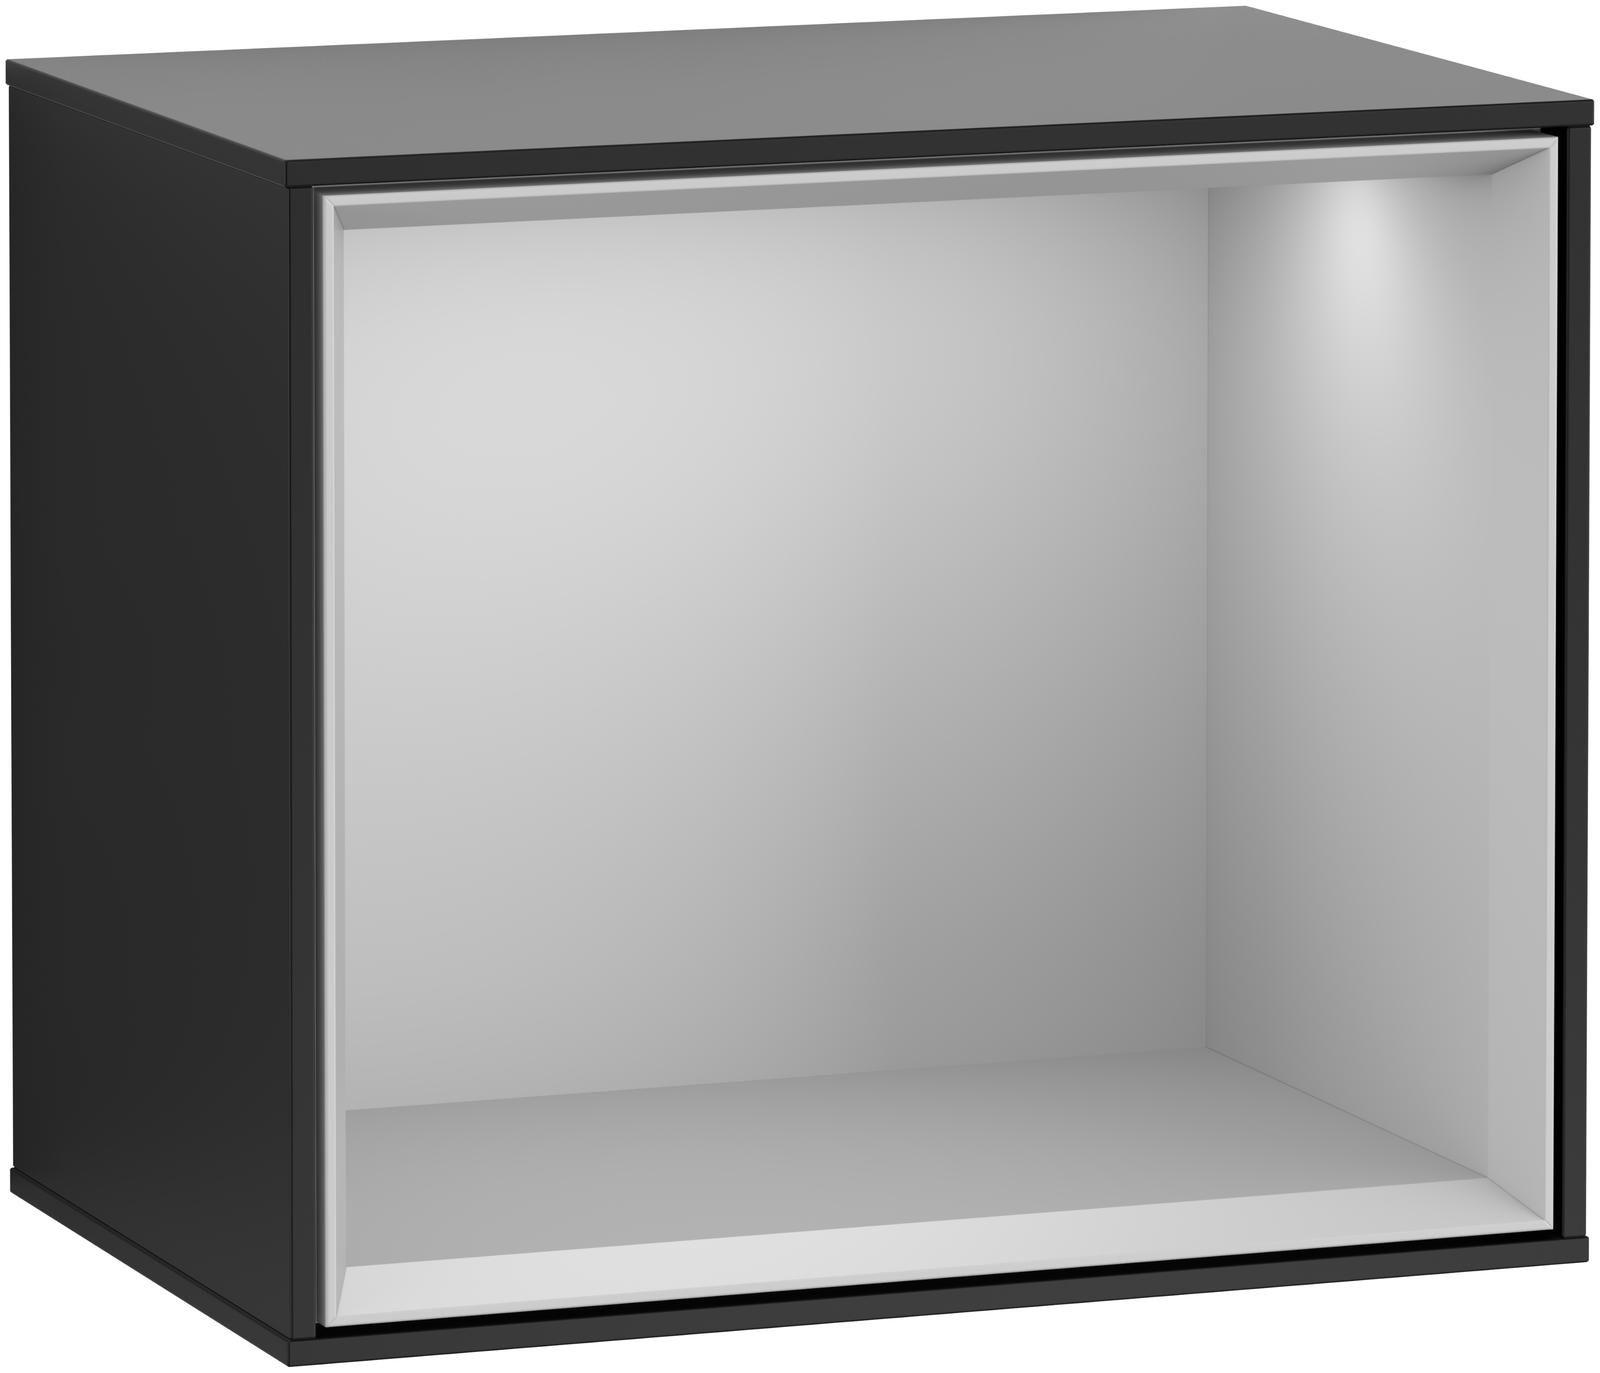 Villeroy & Boch Finion F59 Regalmodul LED-Beleuchtung B:41,8xH:35,6xT:27cm Front, Korpus: Black Matt Lacquer, Regal: Light Grey Matt F590GJPD